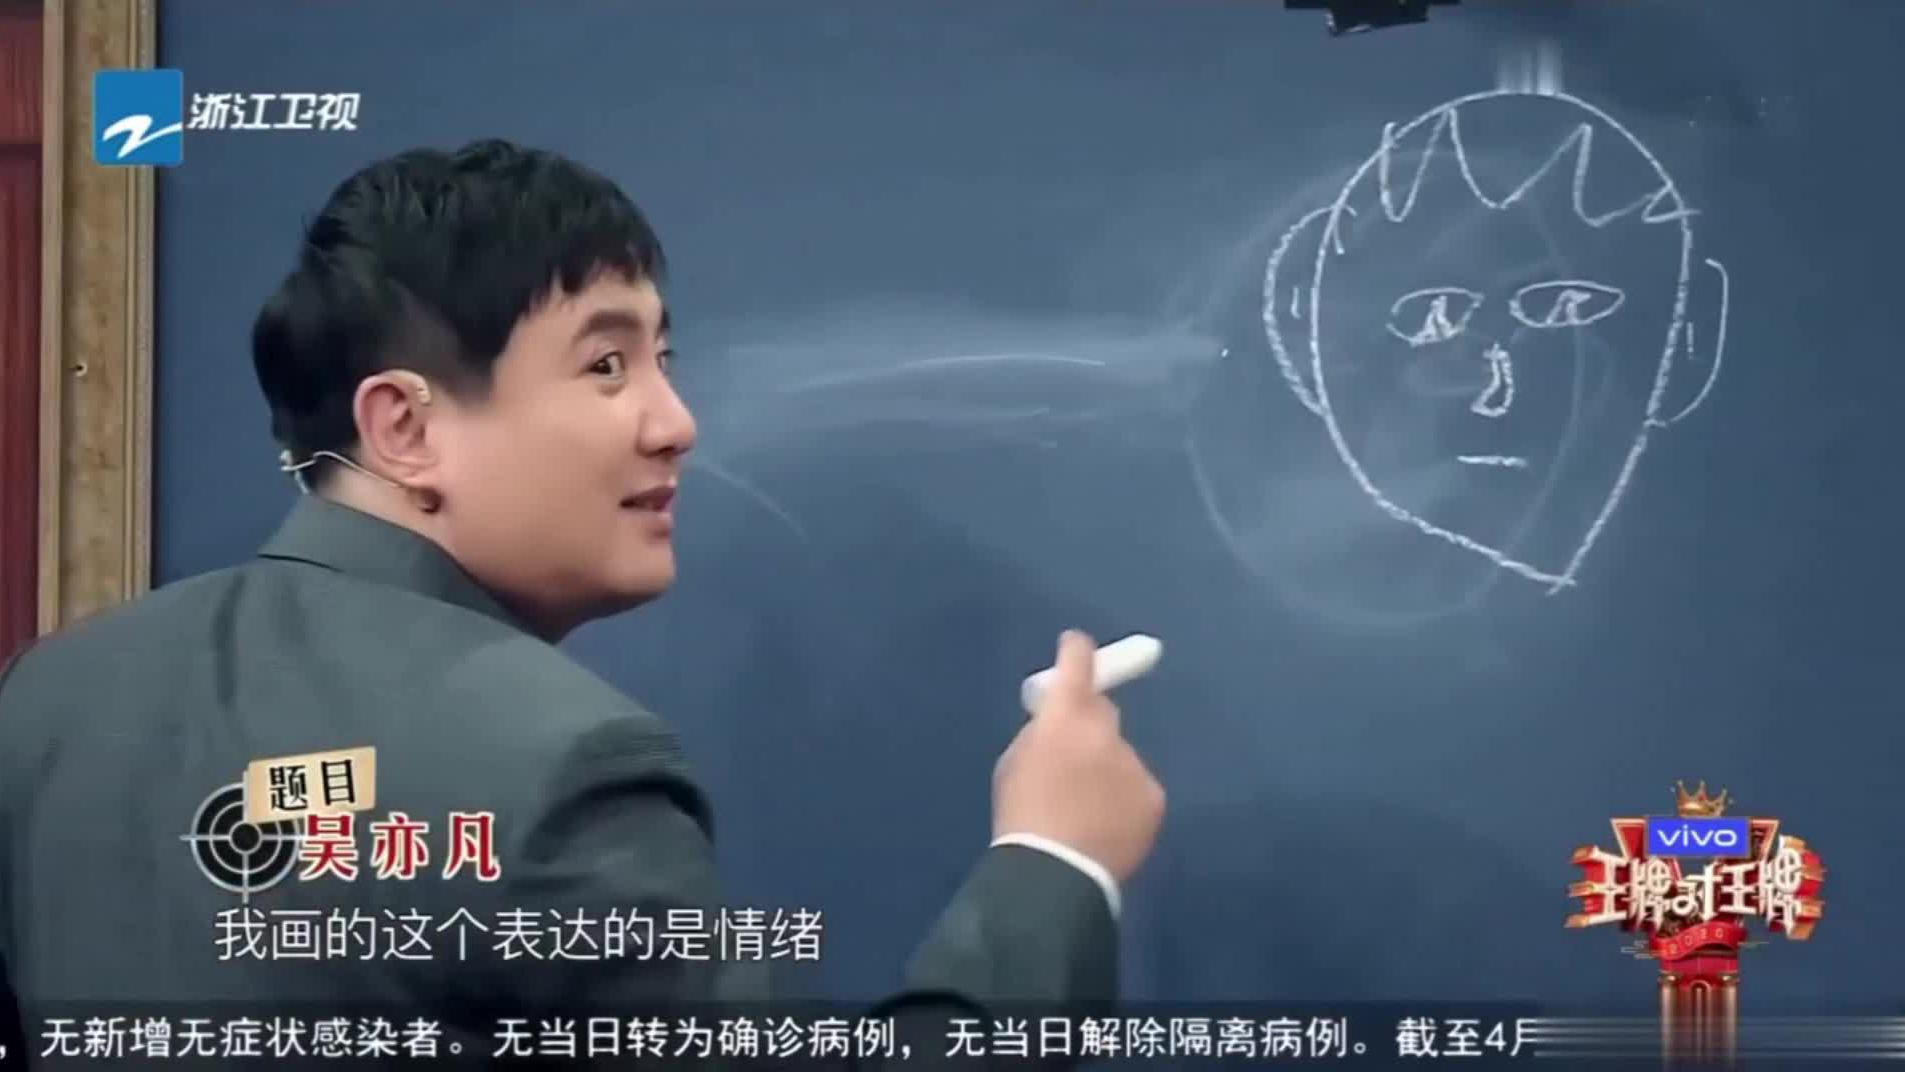 王牌:沈腾把吴亦凡给毁了,偶像画成残像!